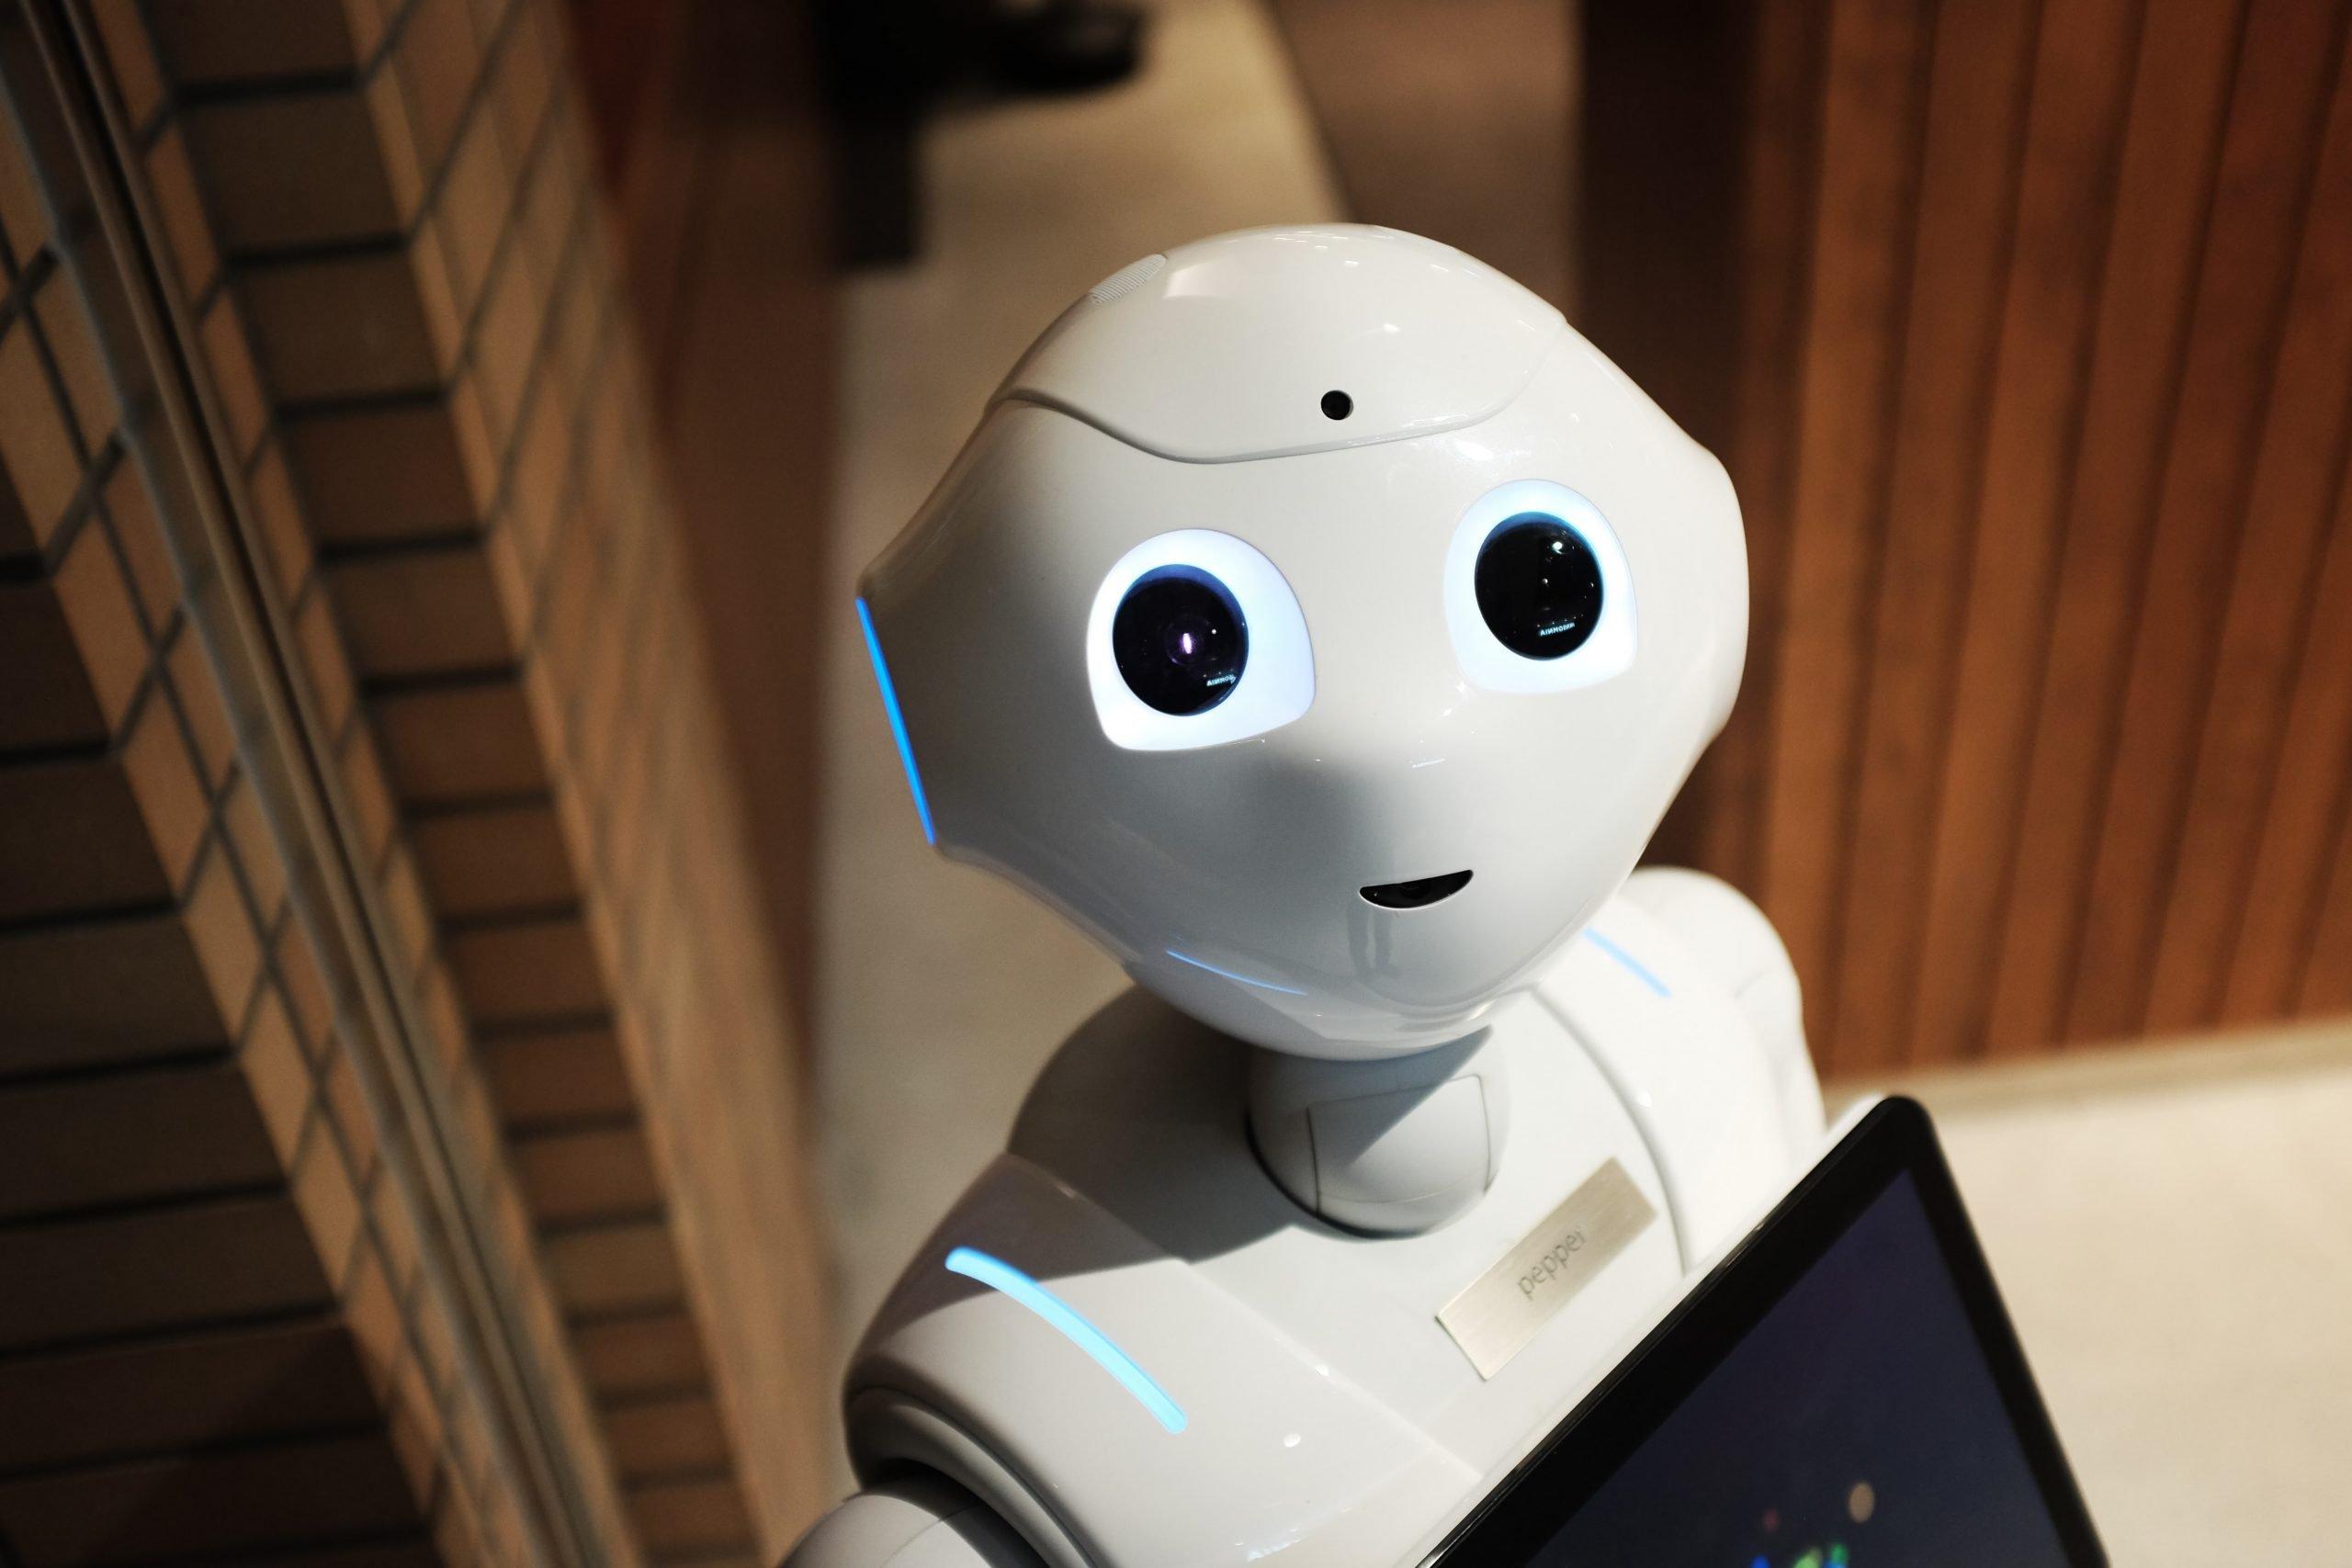 Robot je mechanizmus schopný reagovať na podnety z prostredia